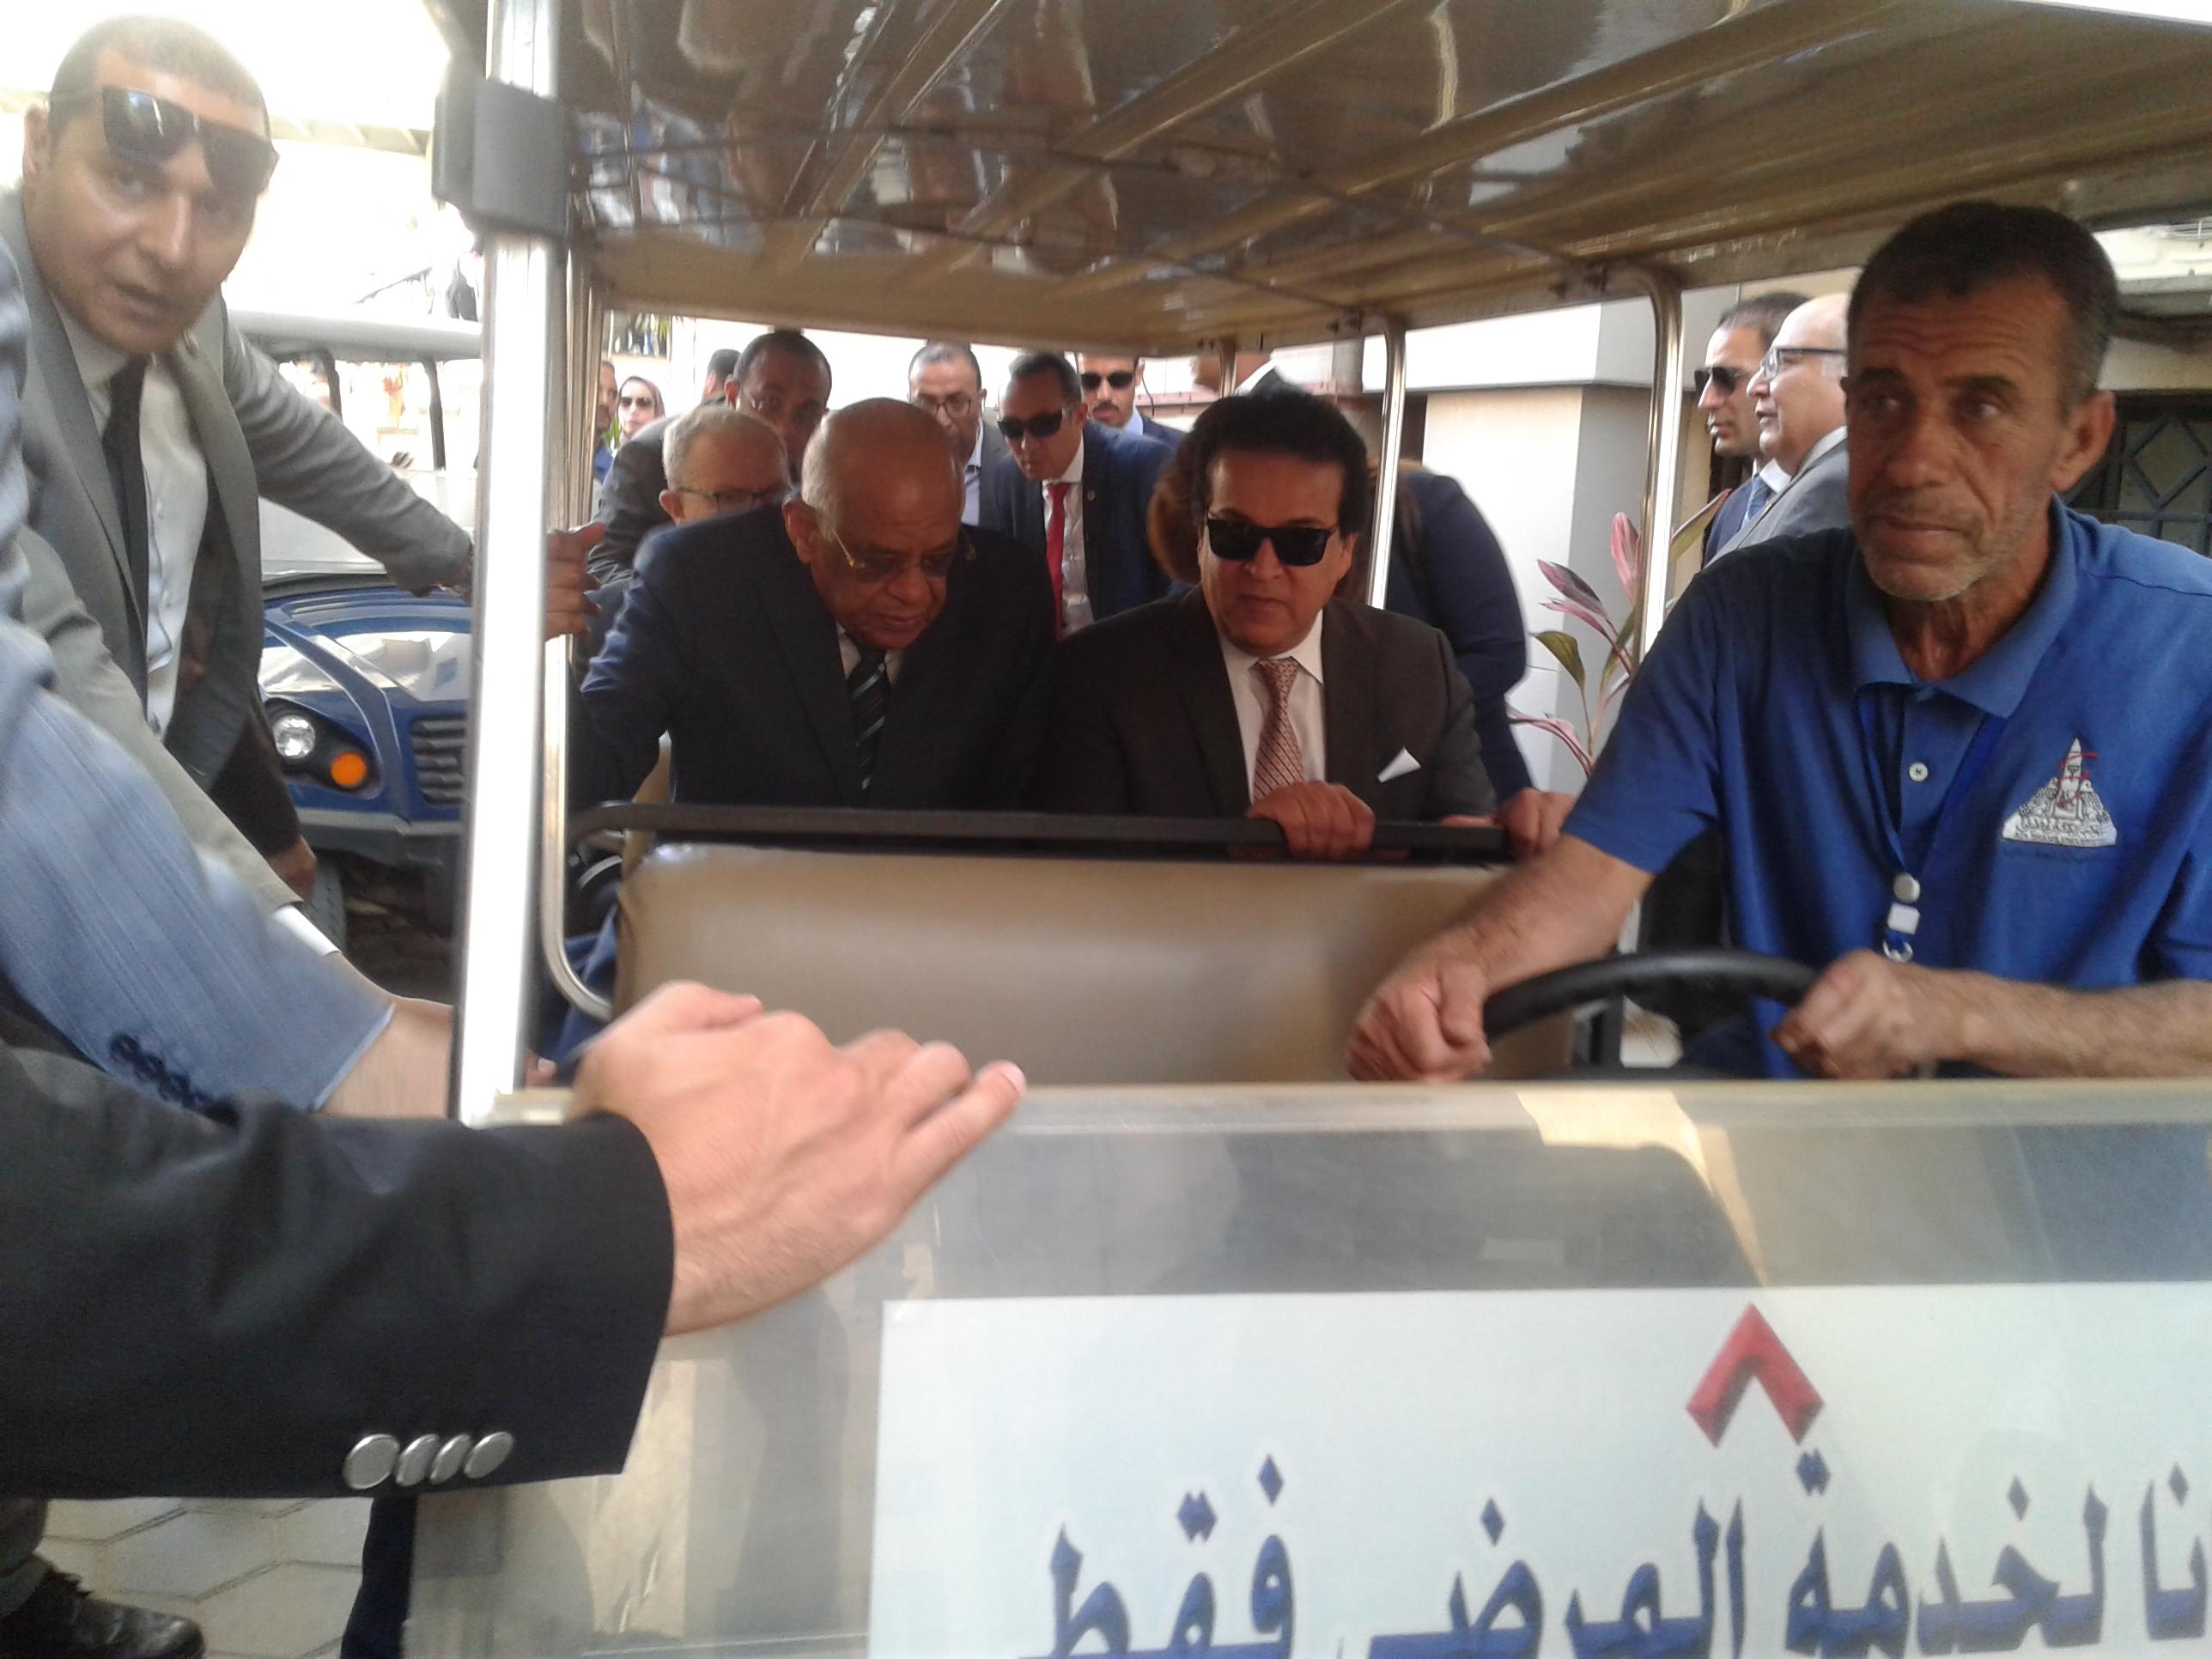 رئيس مجلس النواب يستخدم الطفطف فى التنقل خلال جولته بالمستشفى